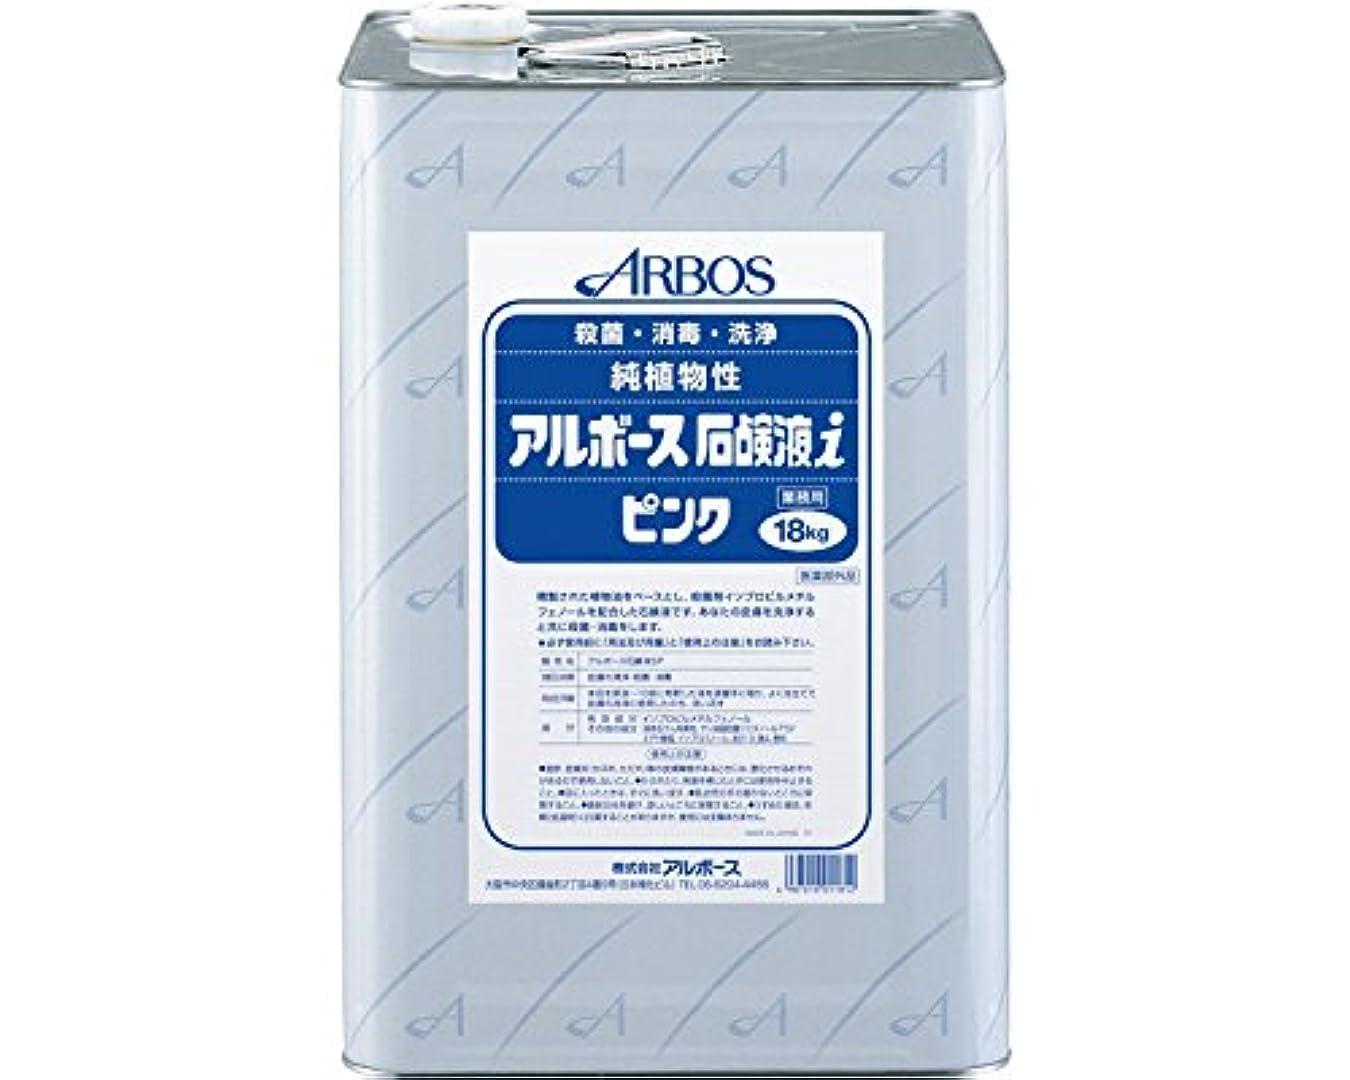 力強い準備ができて本当のことを言うとアルボース石鹸液i ピンク 18kg (アルボース)